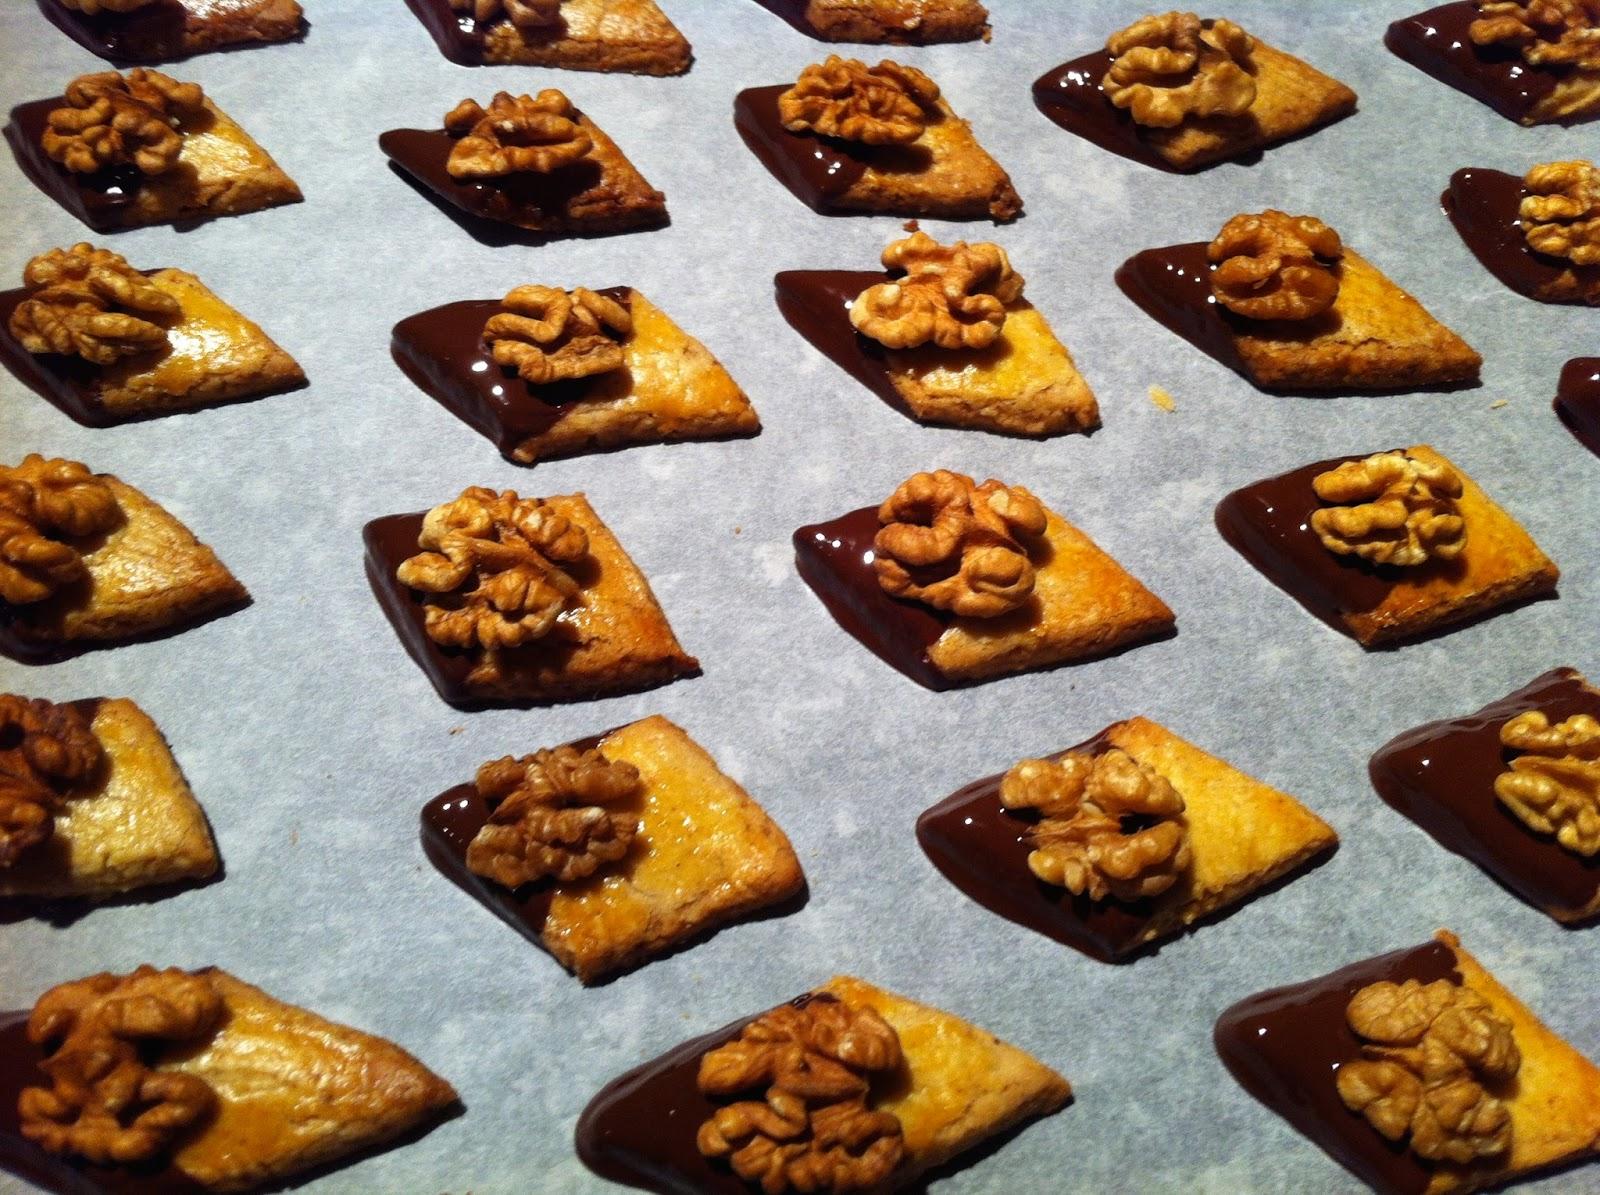 macarons aux noix bredele 6 du chocolat au curry macarons aux noix bredele 6